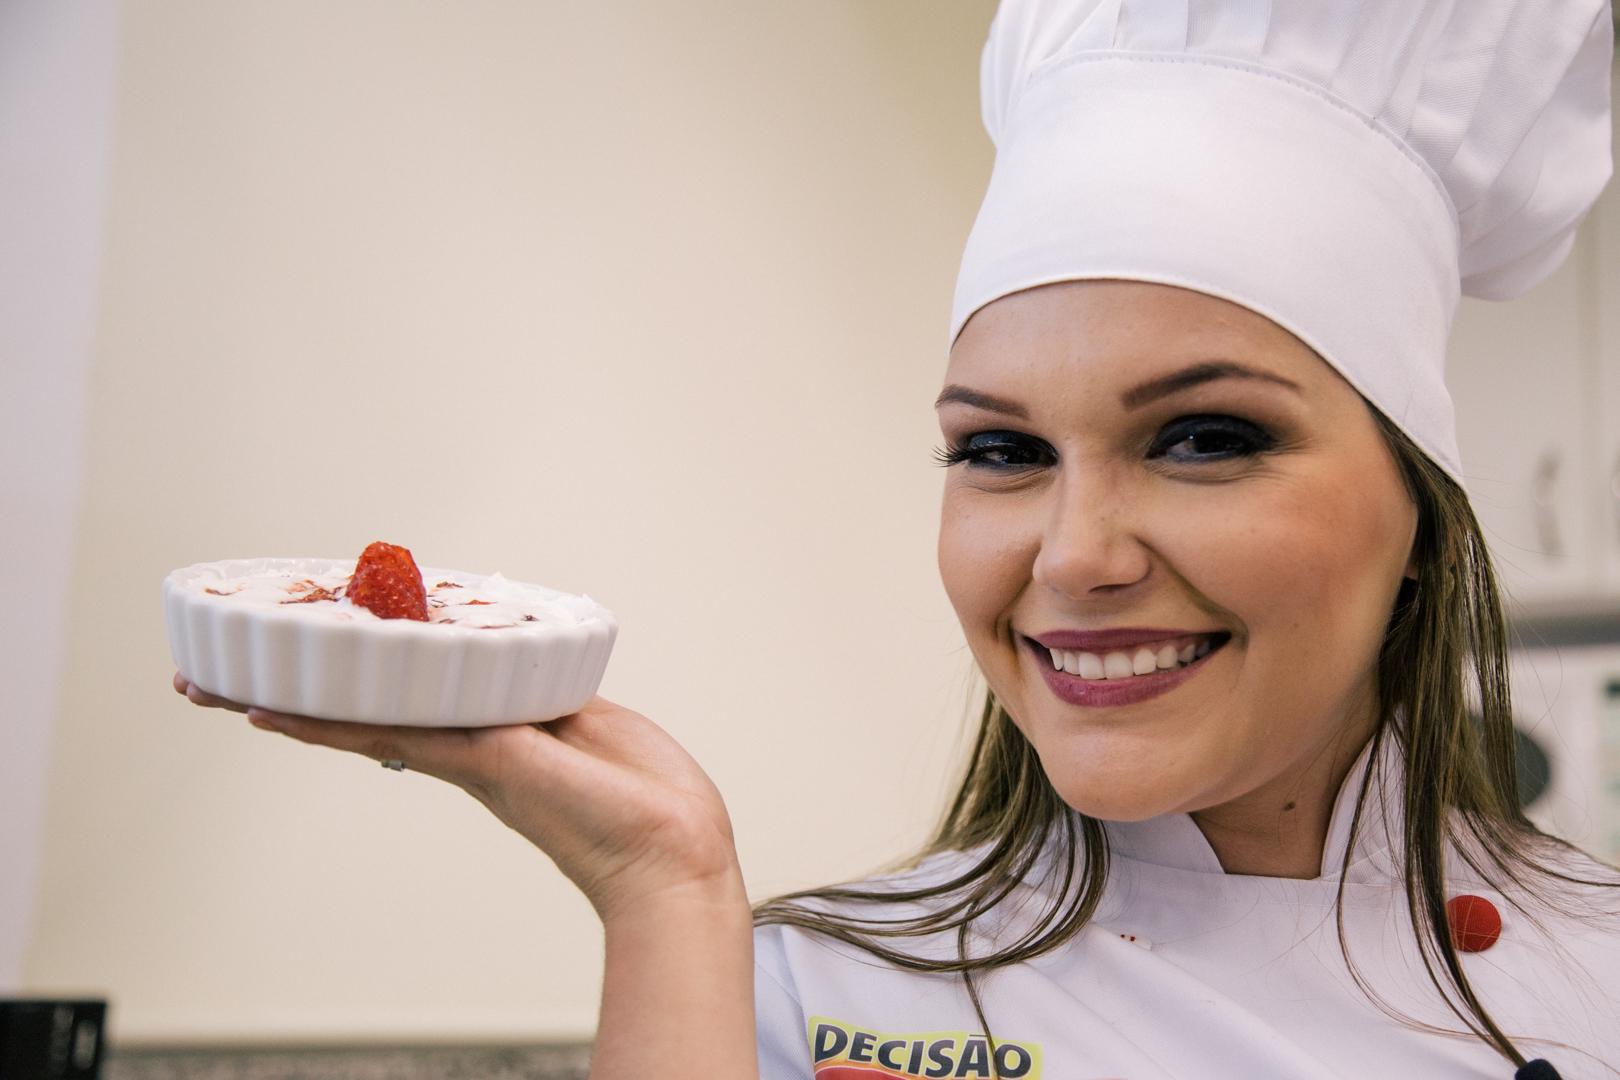 Receita de Torta de Morango com Chantilly - Decisão Atacarejo